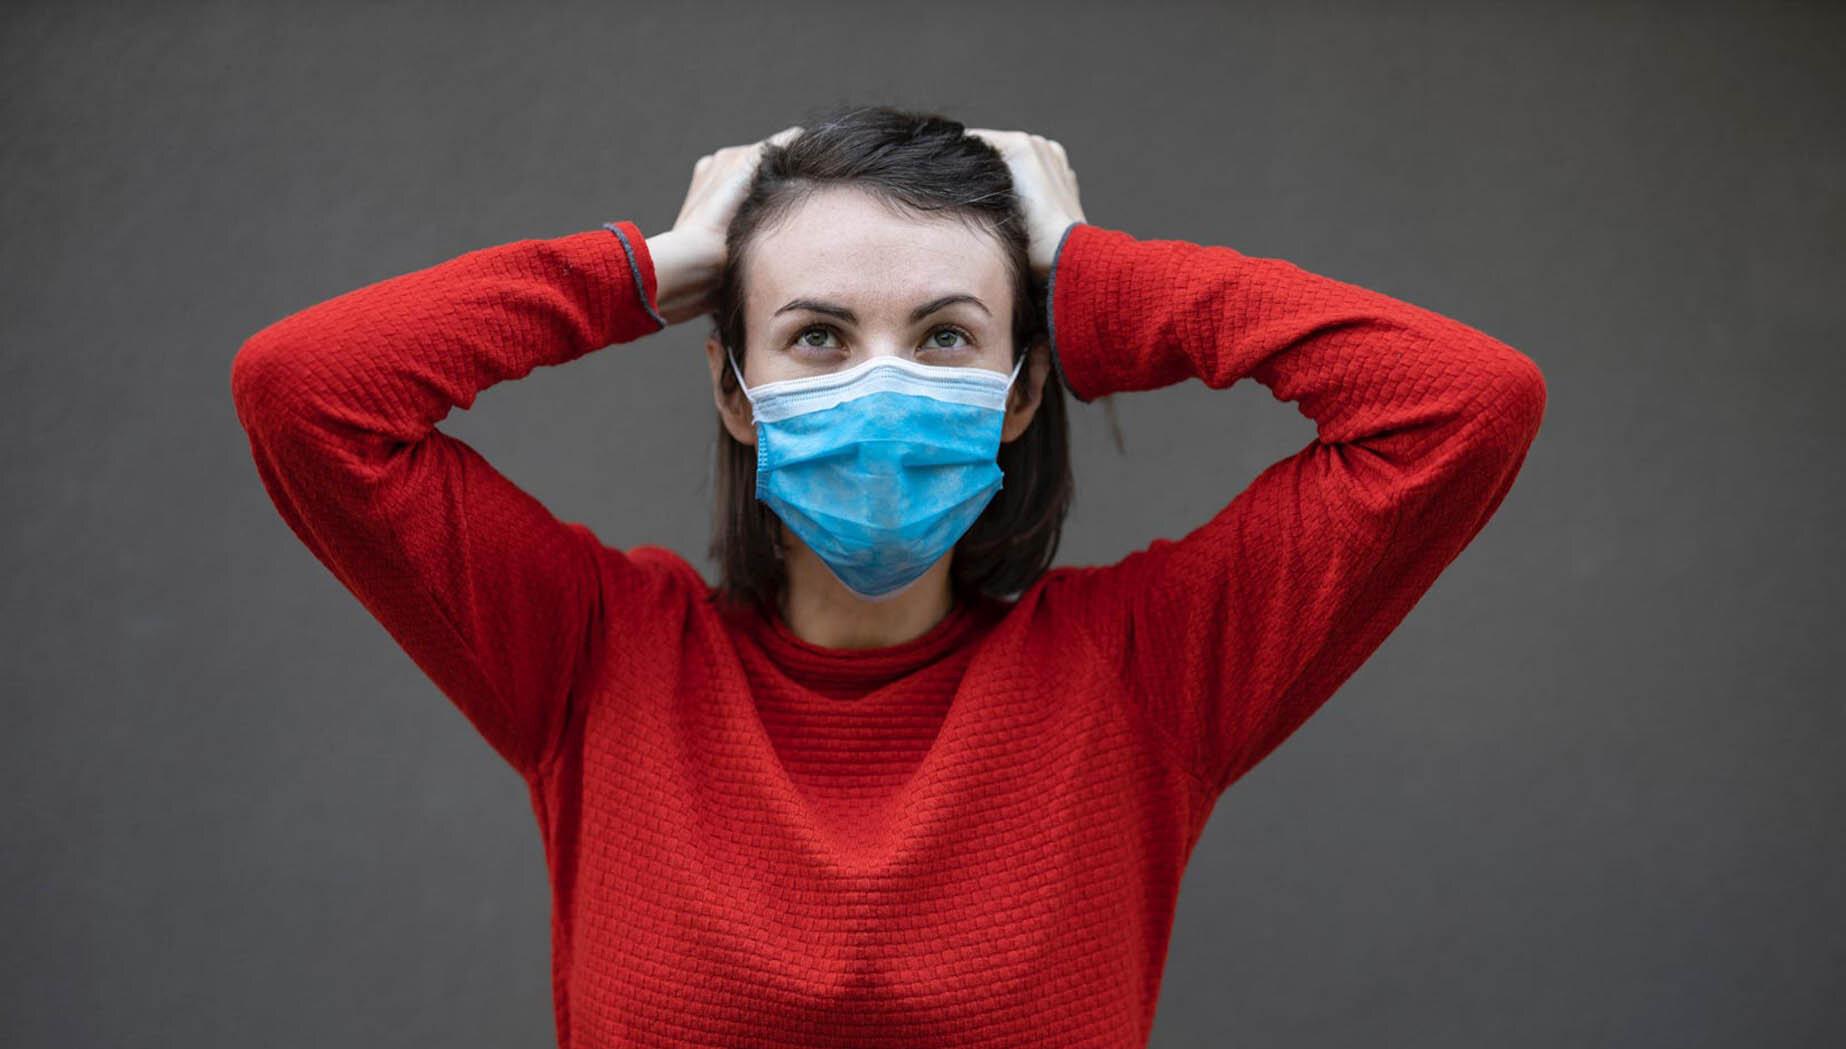 Das Tragen eines Mundschutzes ist kein nachhaltiges Mittel zur Bekämpfung von Viren und Bakterien. Allein Hygiene schützt uns effektiv gegen Keime.